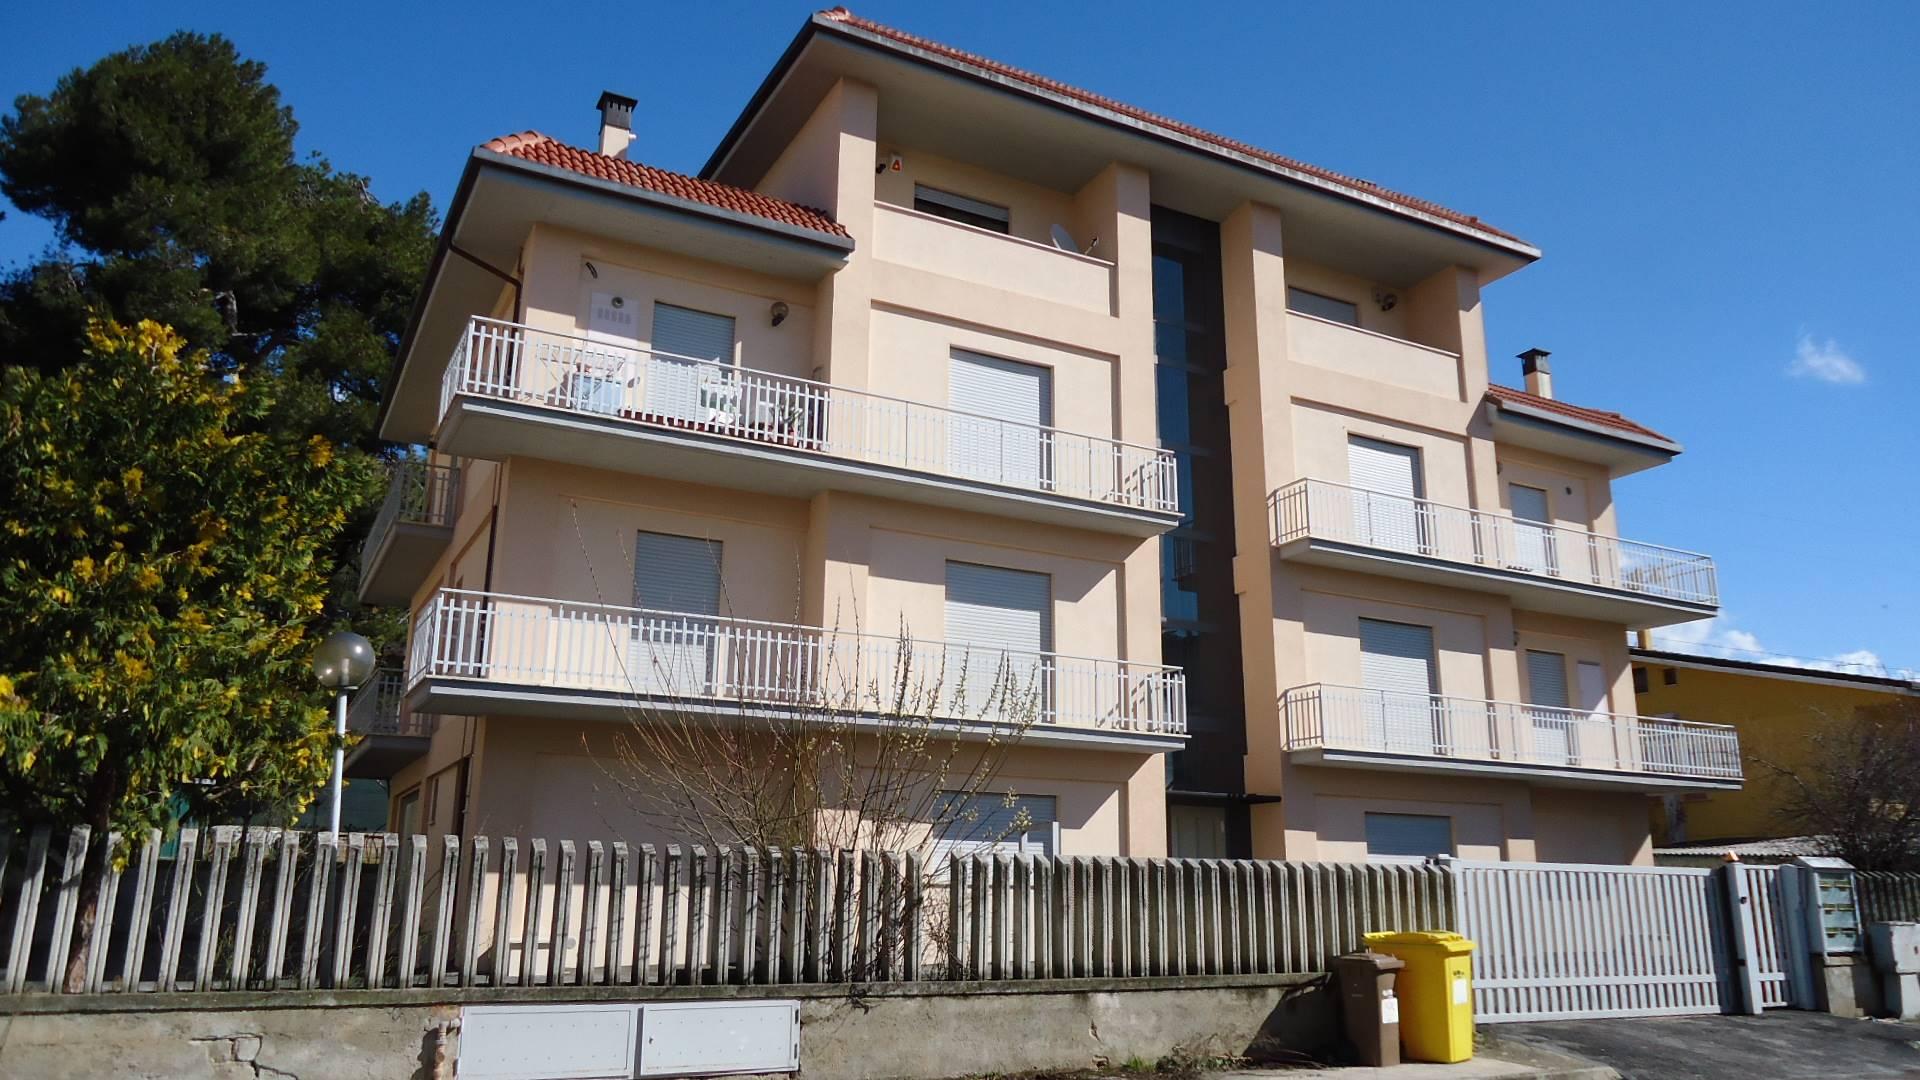 Appartamento in vendita a L'Aquila, 3 locali, zona Zona: Pettino, prezzo € 115.000   CambioCasa.it